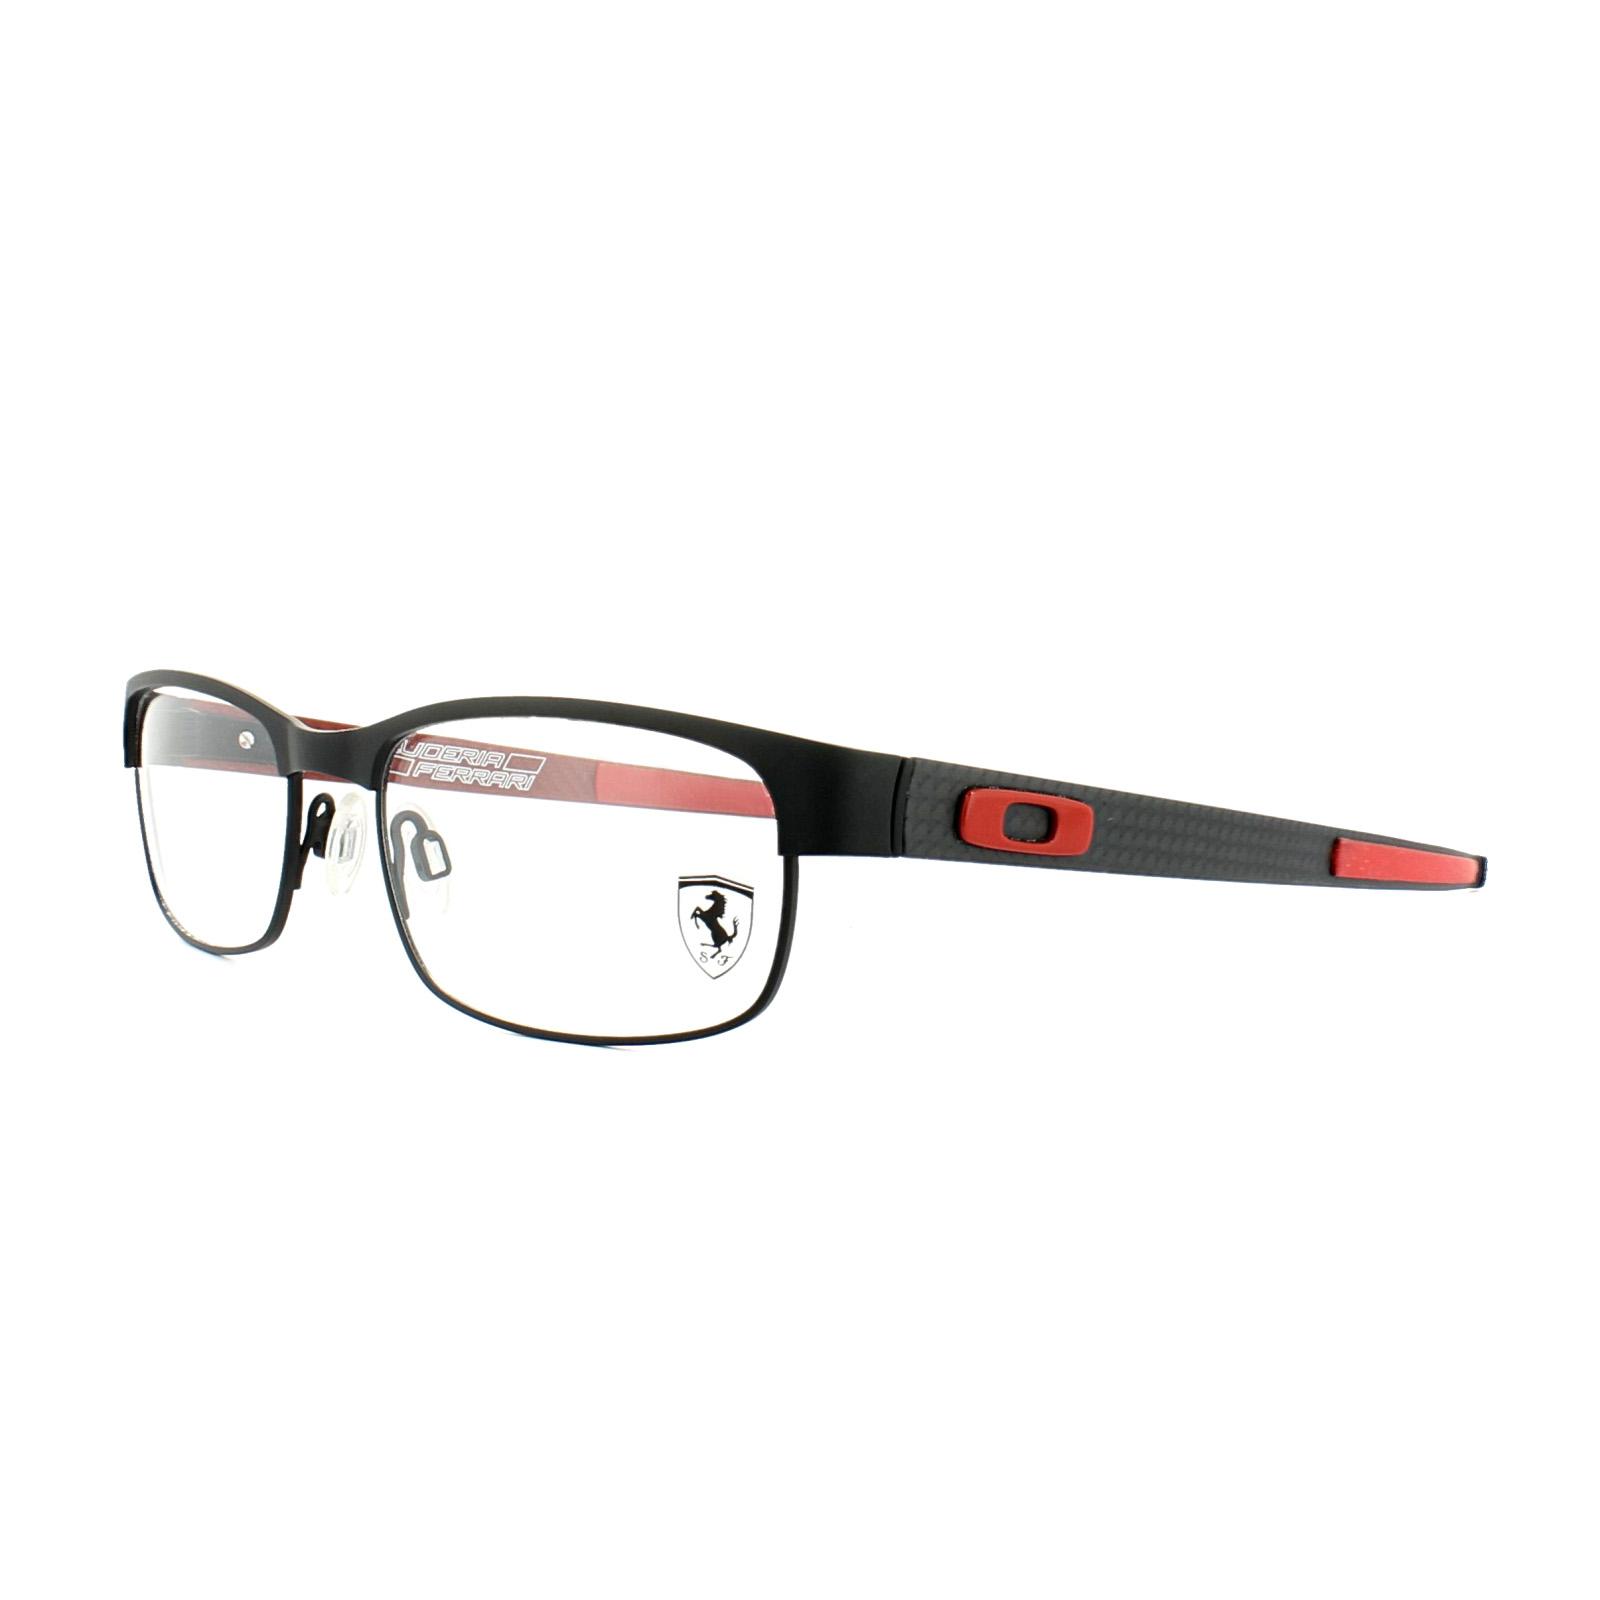 Oakley Glasses Frames Carbon Plate OX5079-04 Black Ferrari Red Mens ...